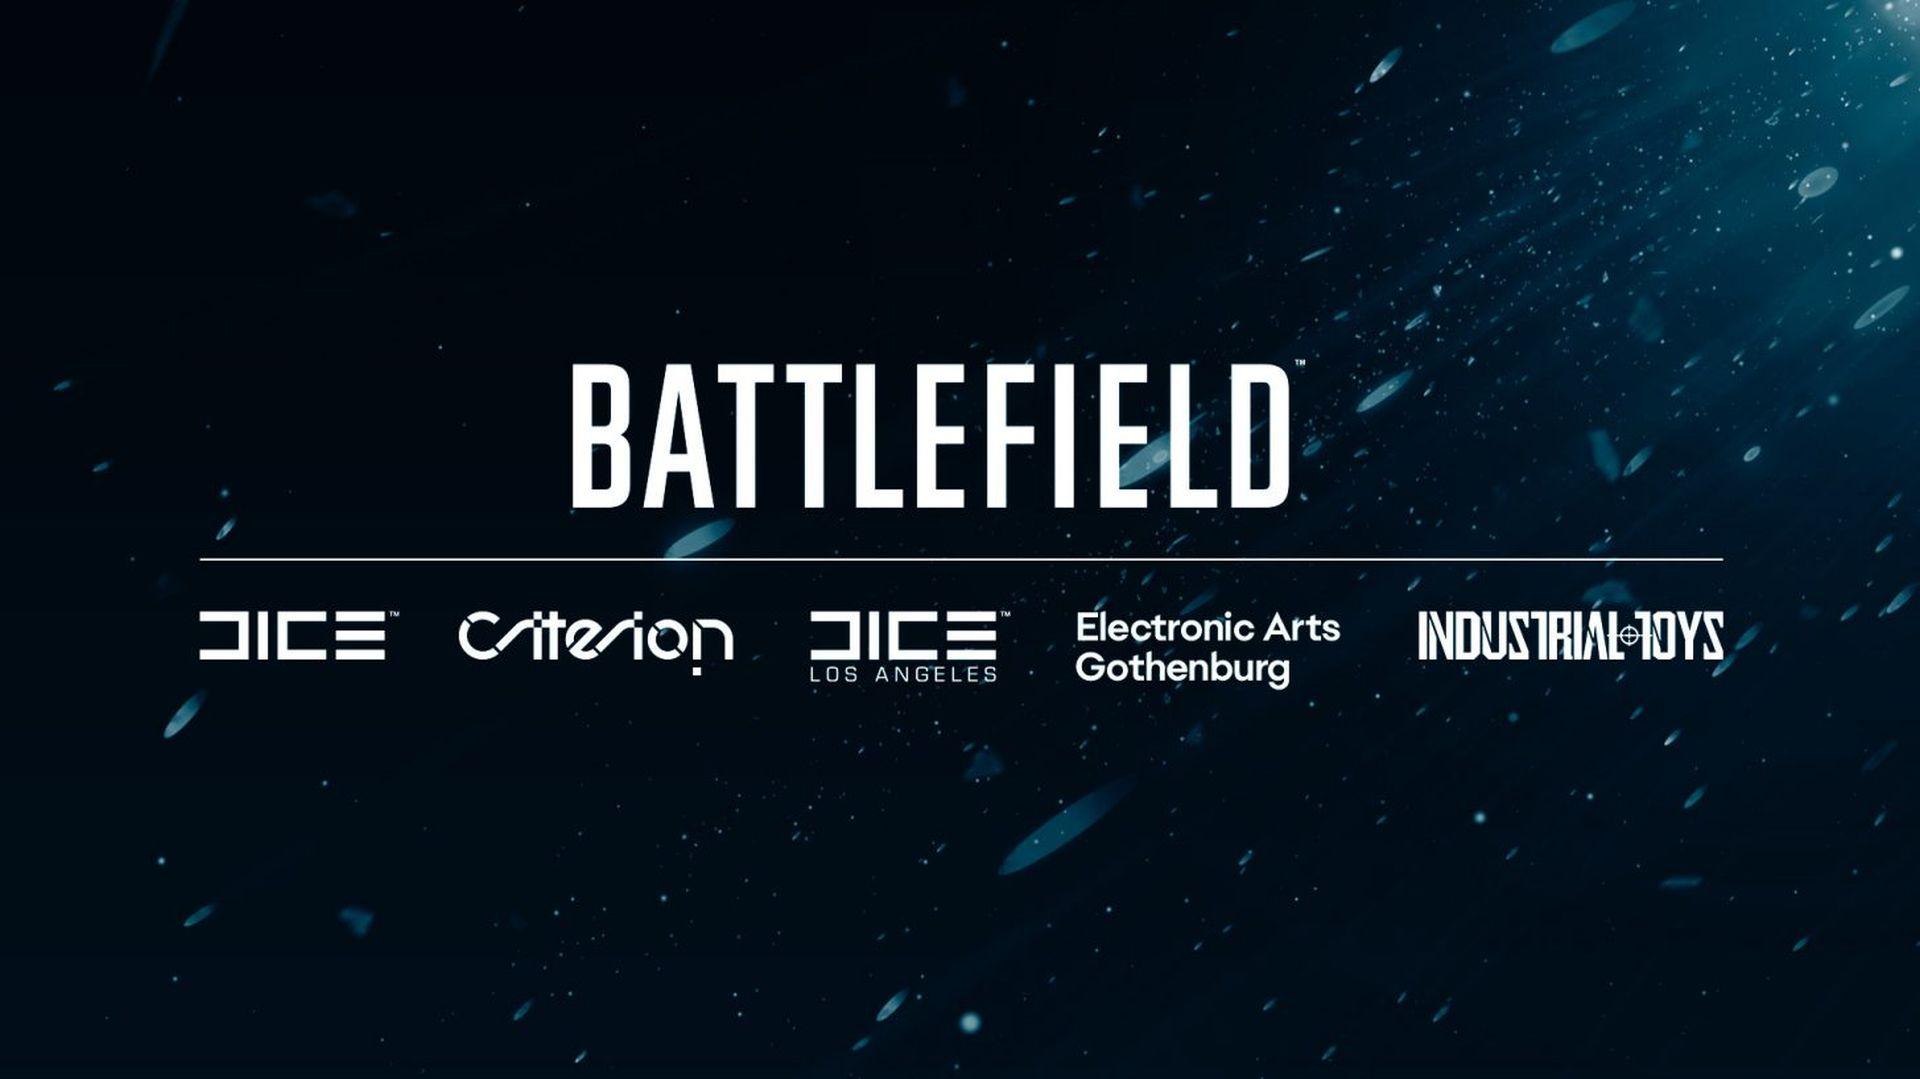 نسخه آلفا بازی Battlefield 6